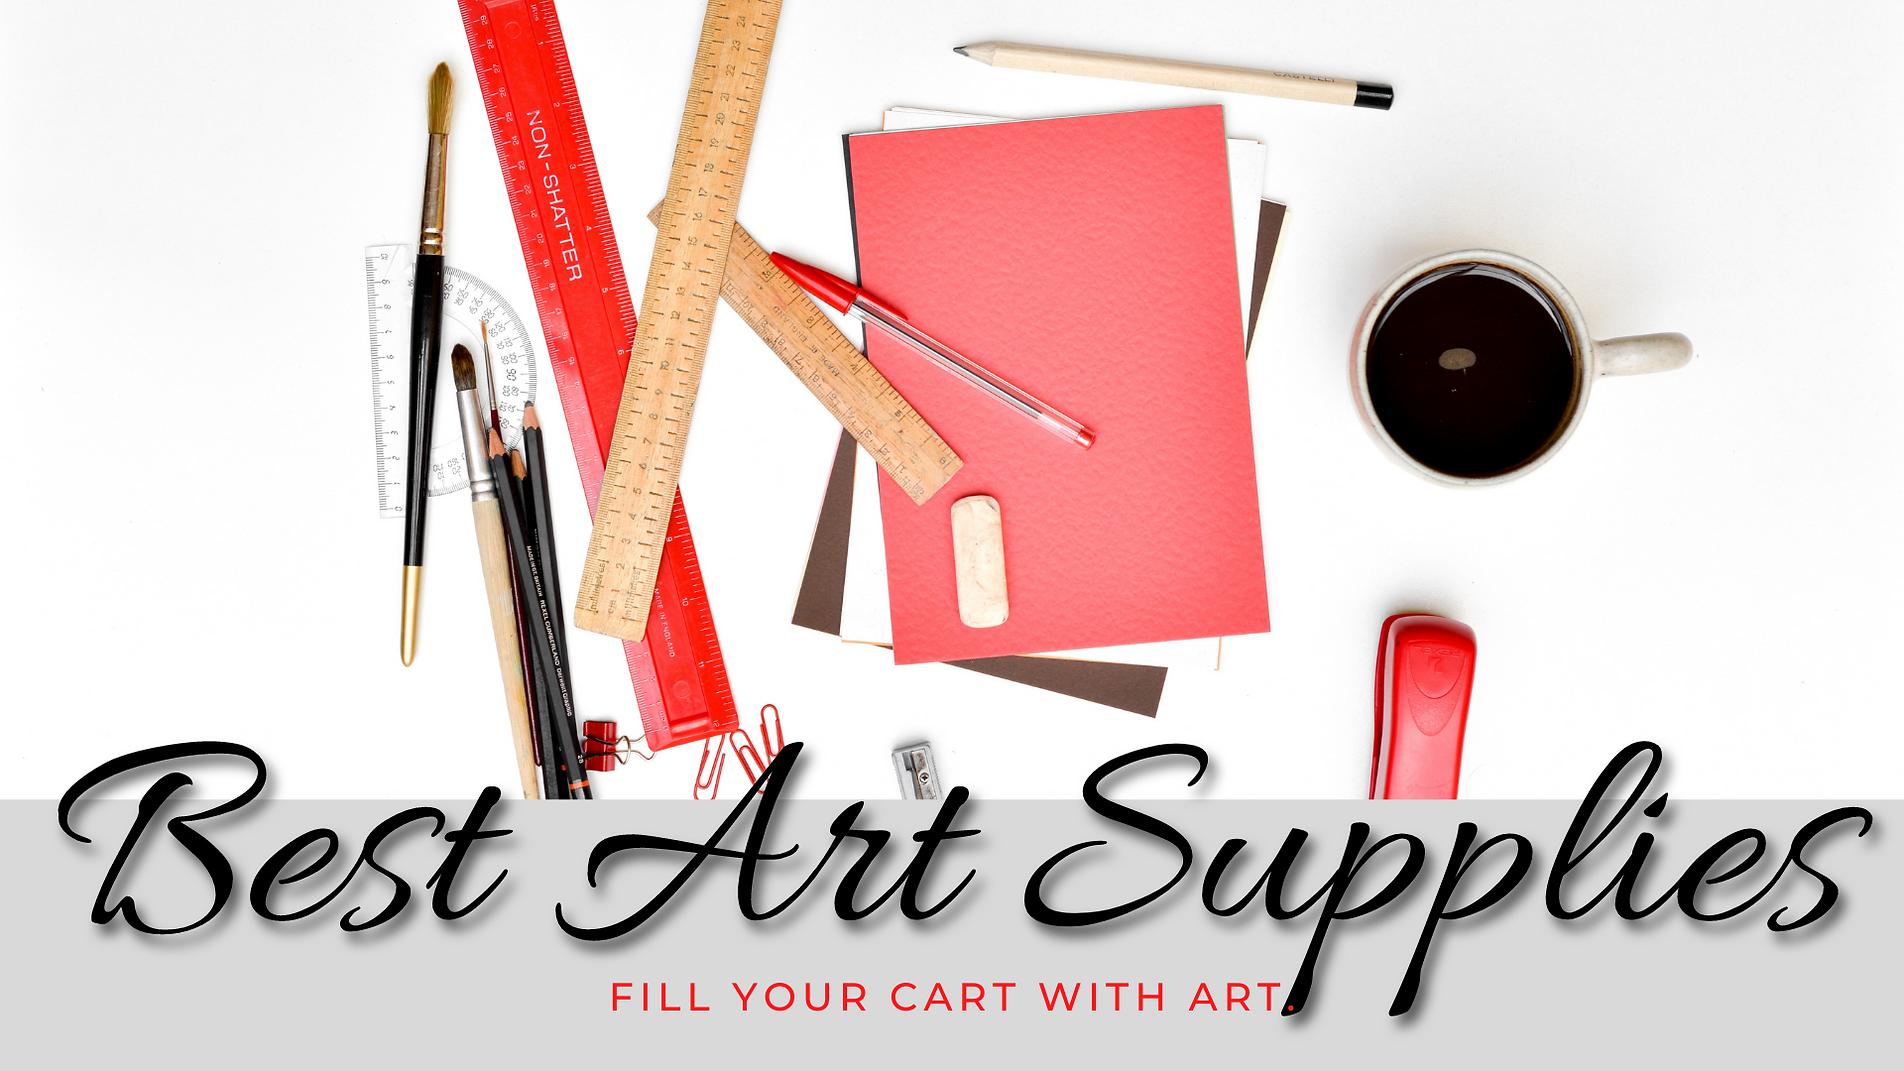 Best Art Supplies.png